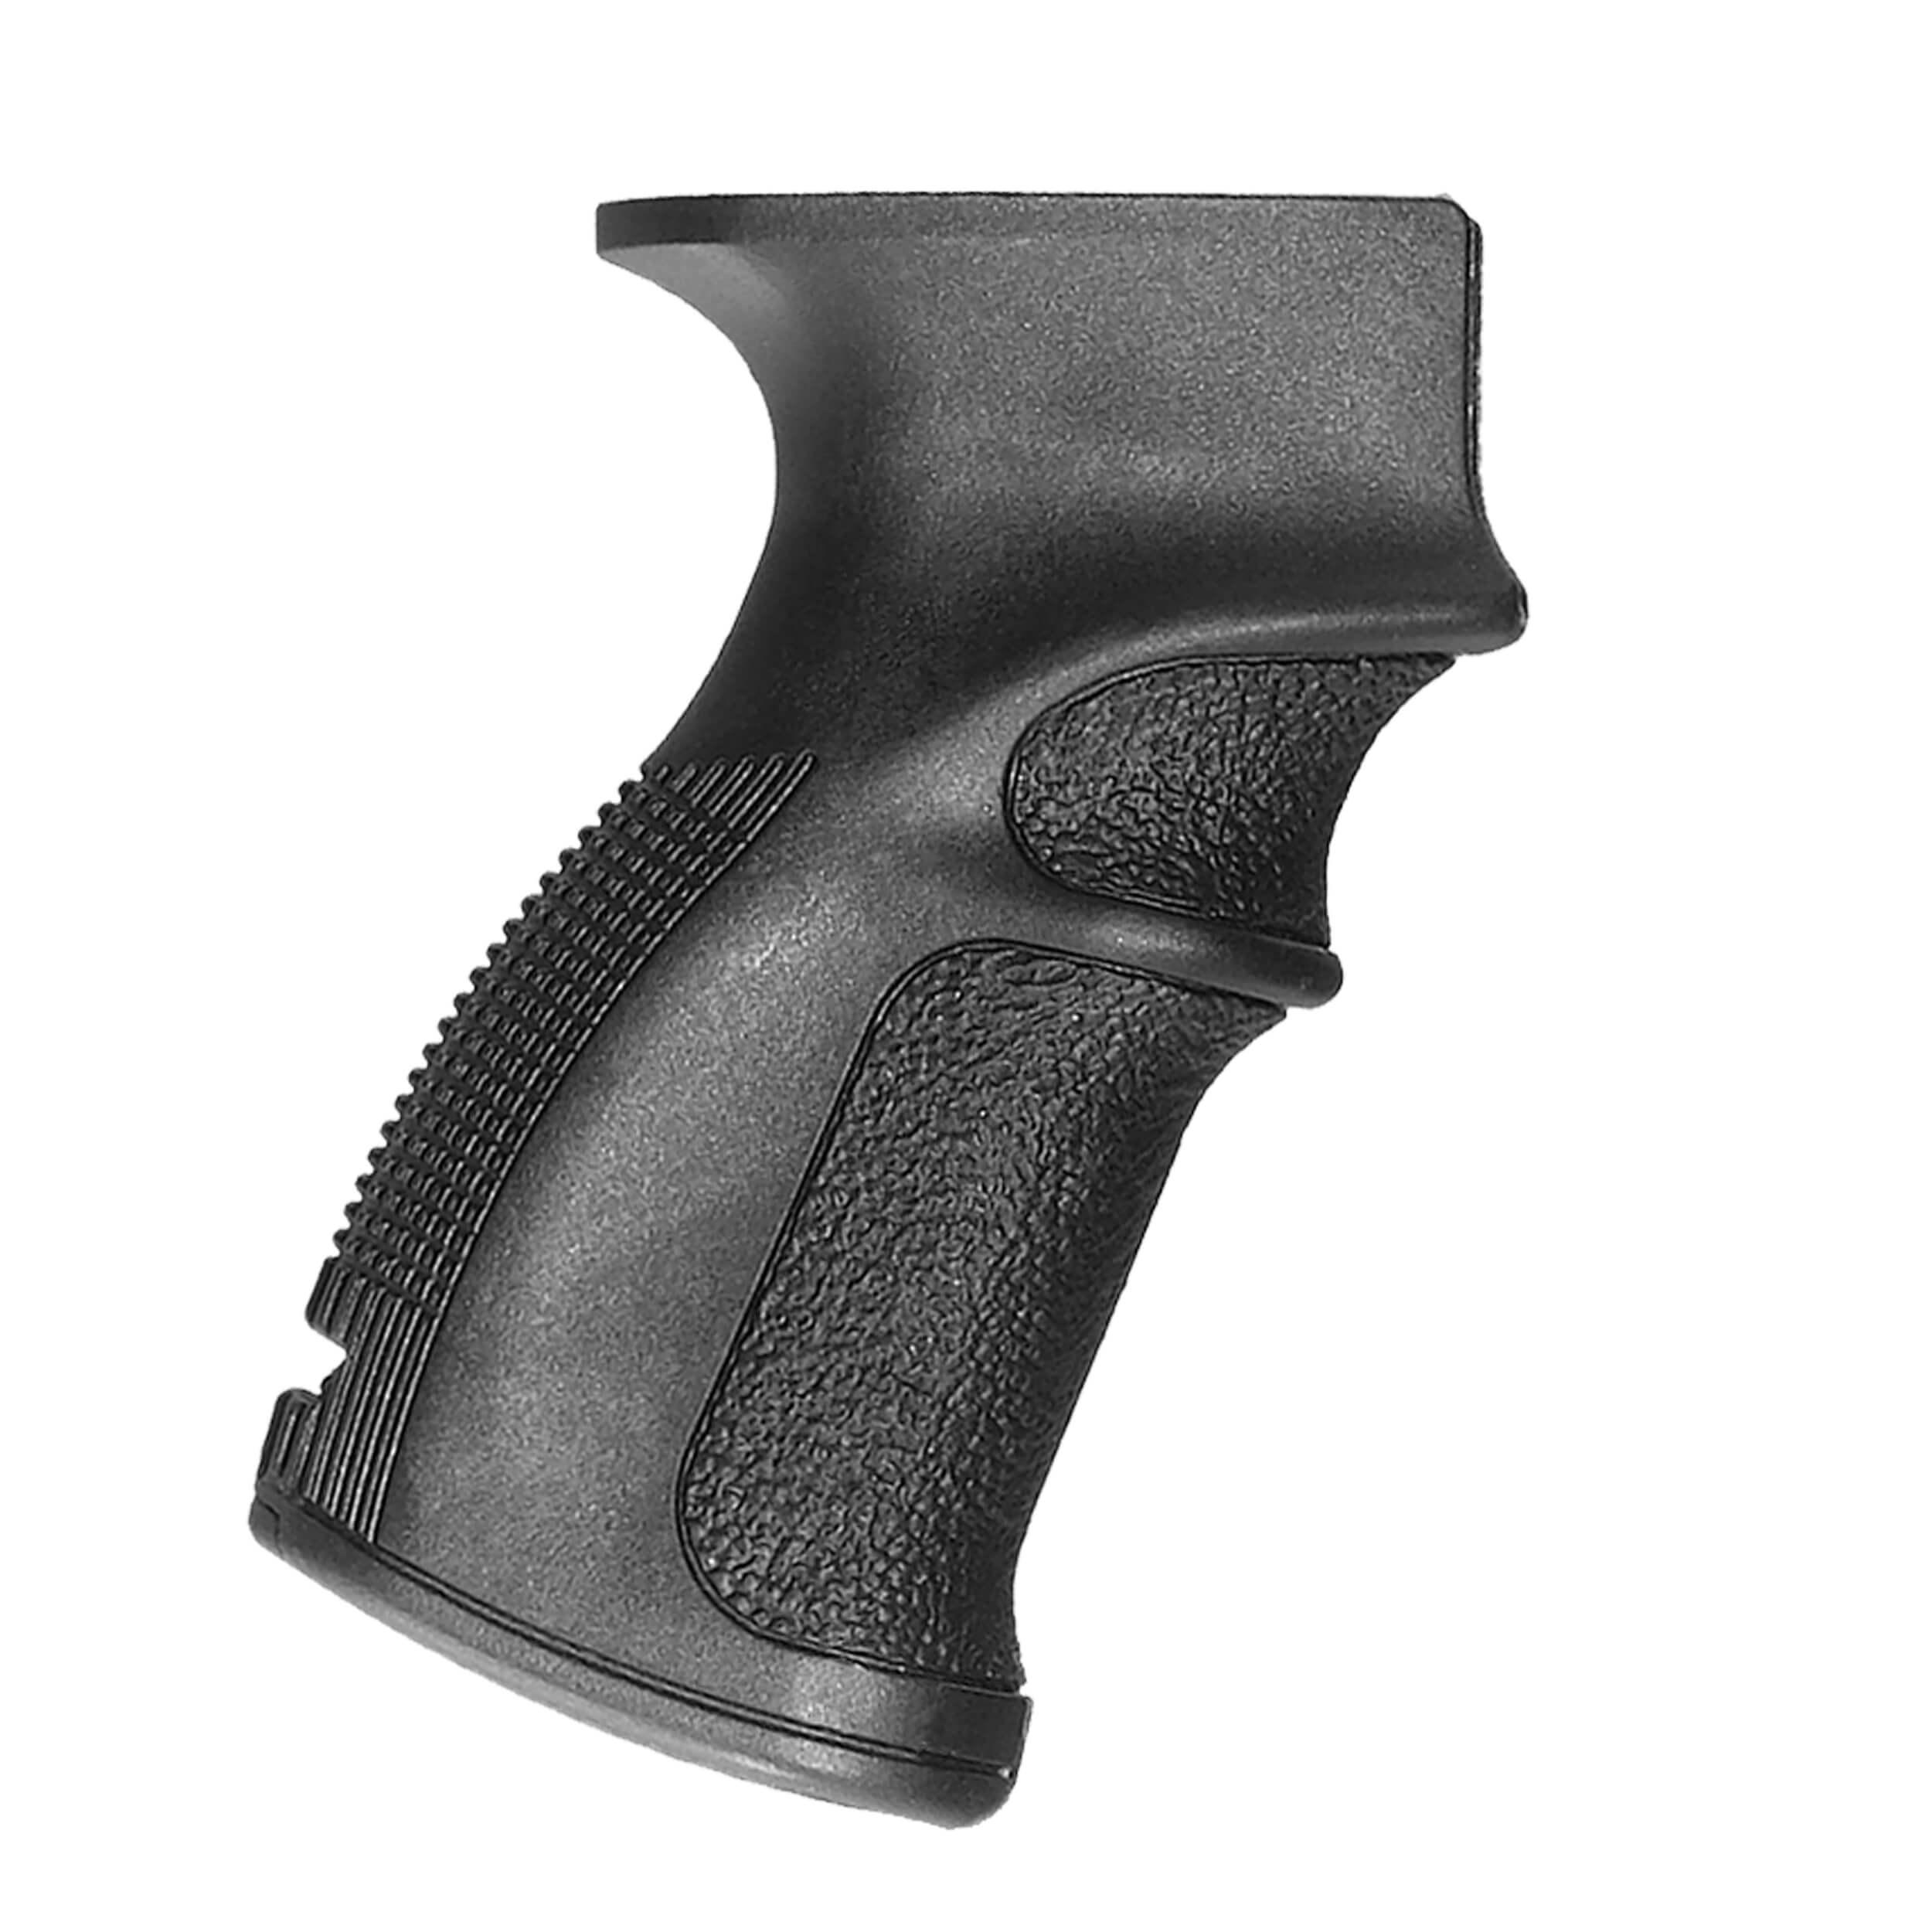 VZ-58 Pistol Grip for SA vz. 58